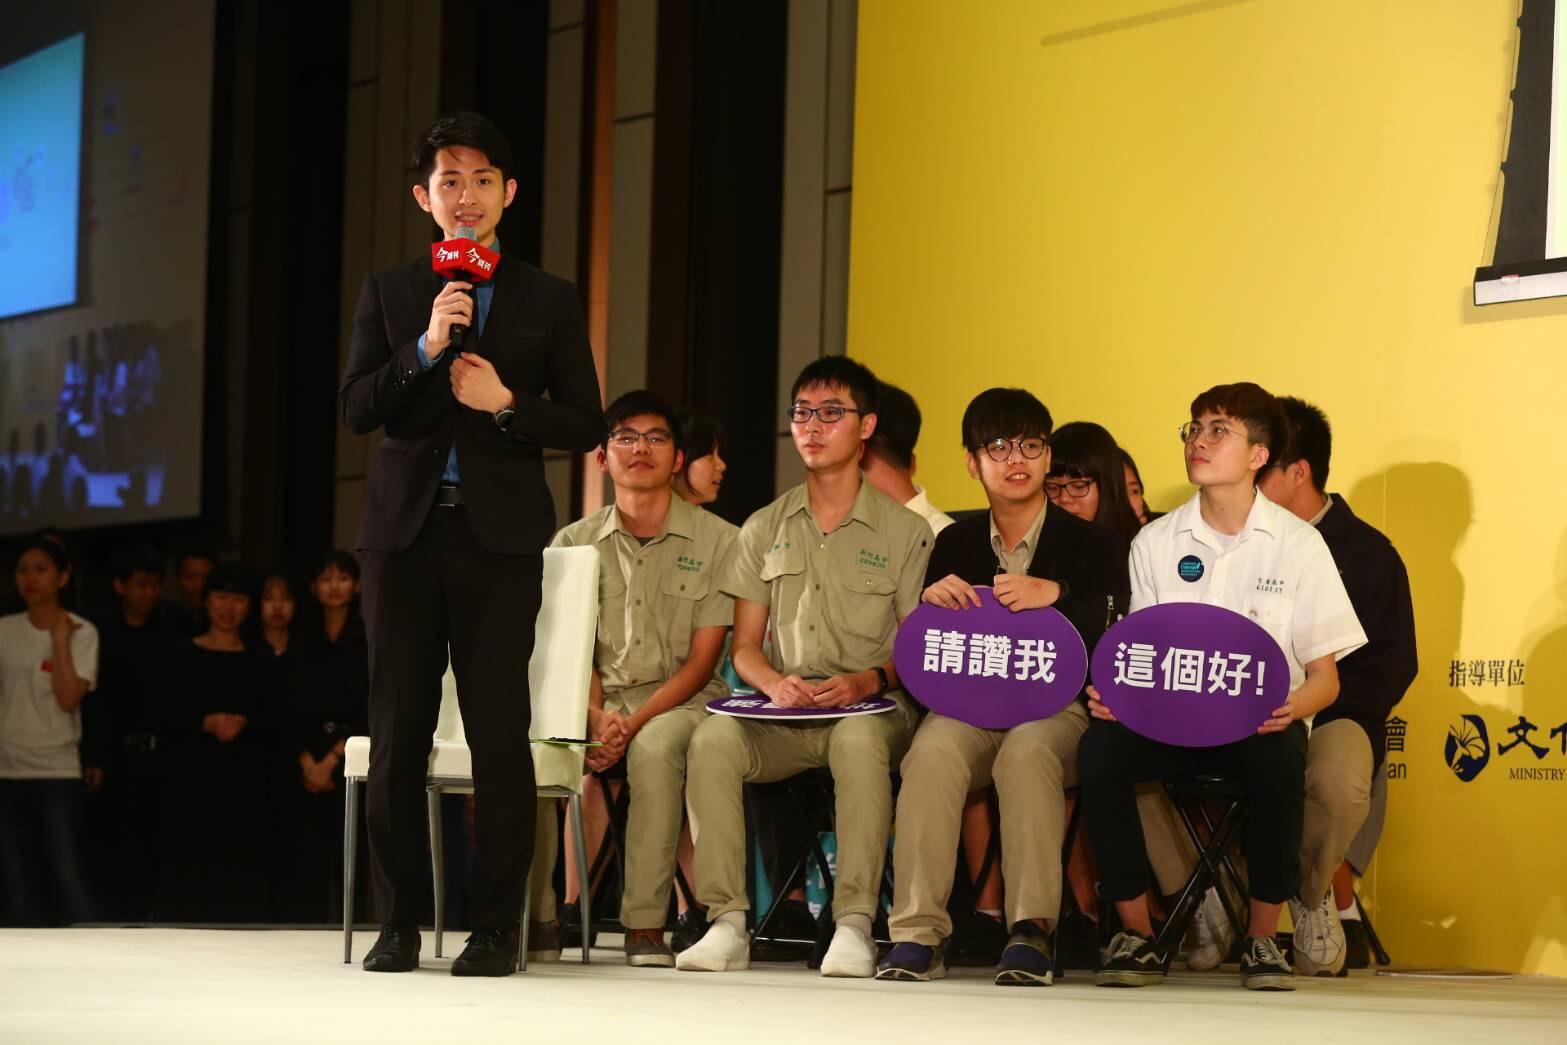 青春破框 蔡英文總統與高中生面對面論壇 博恩